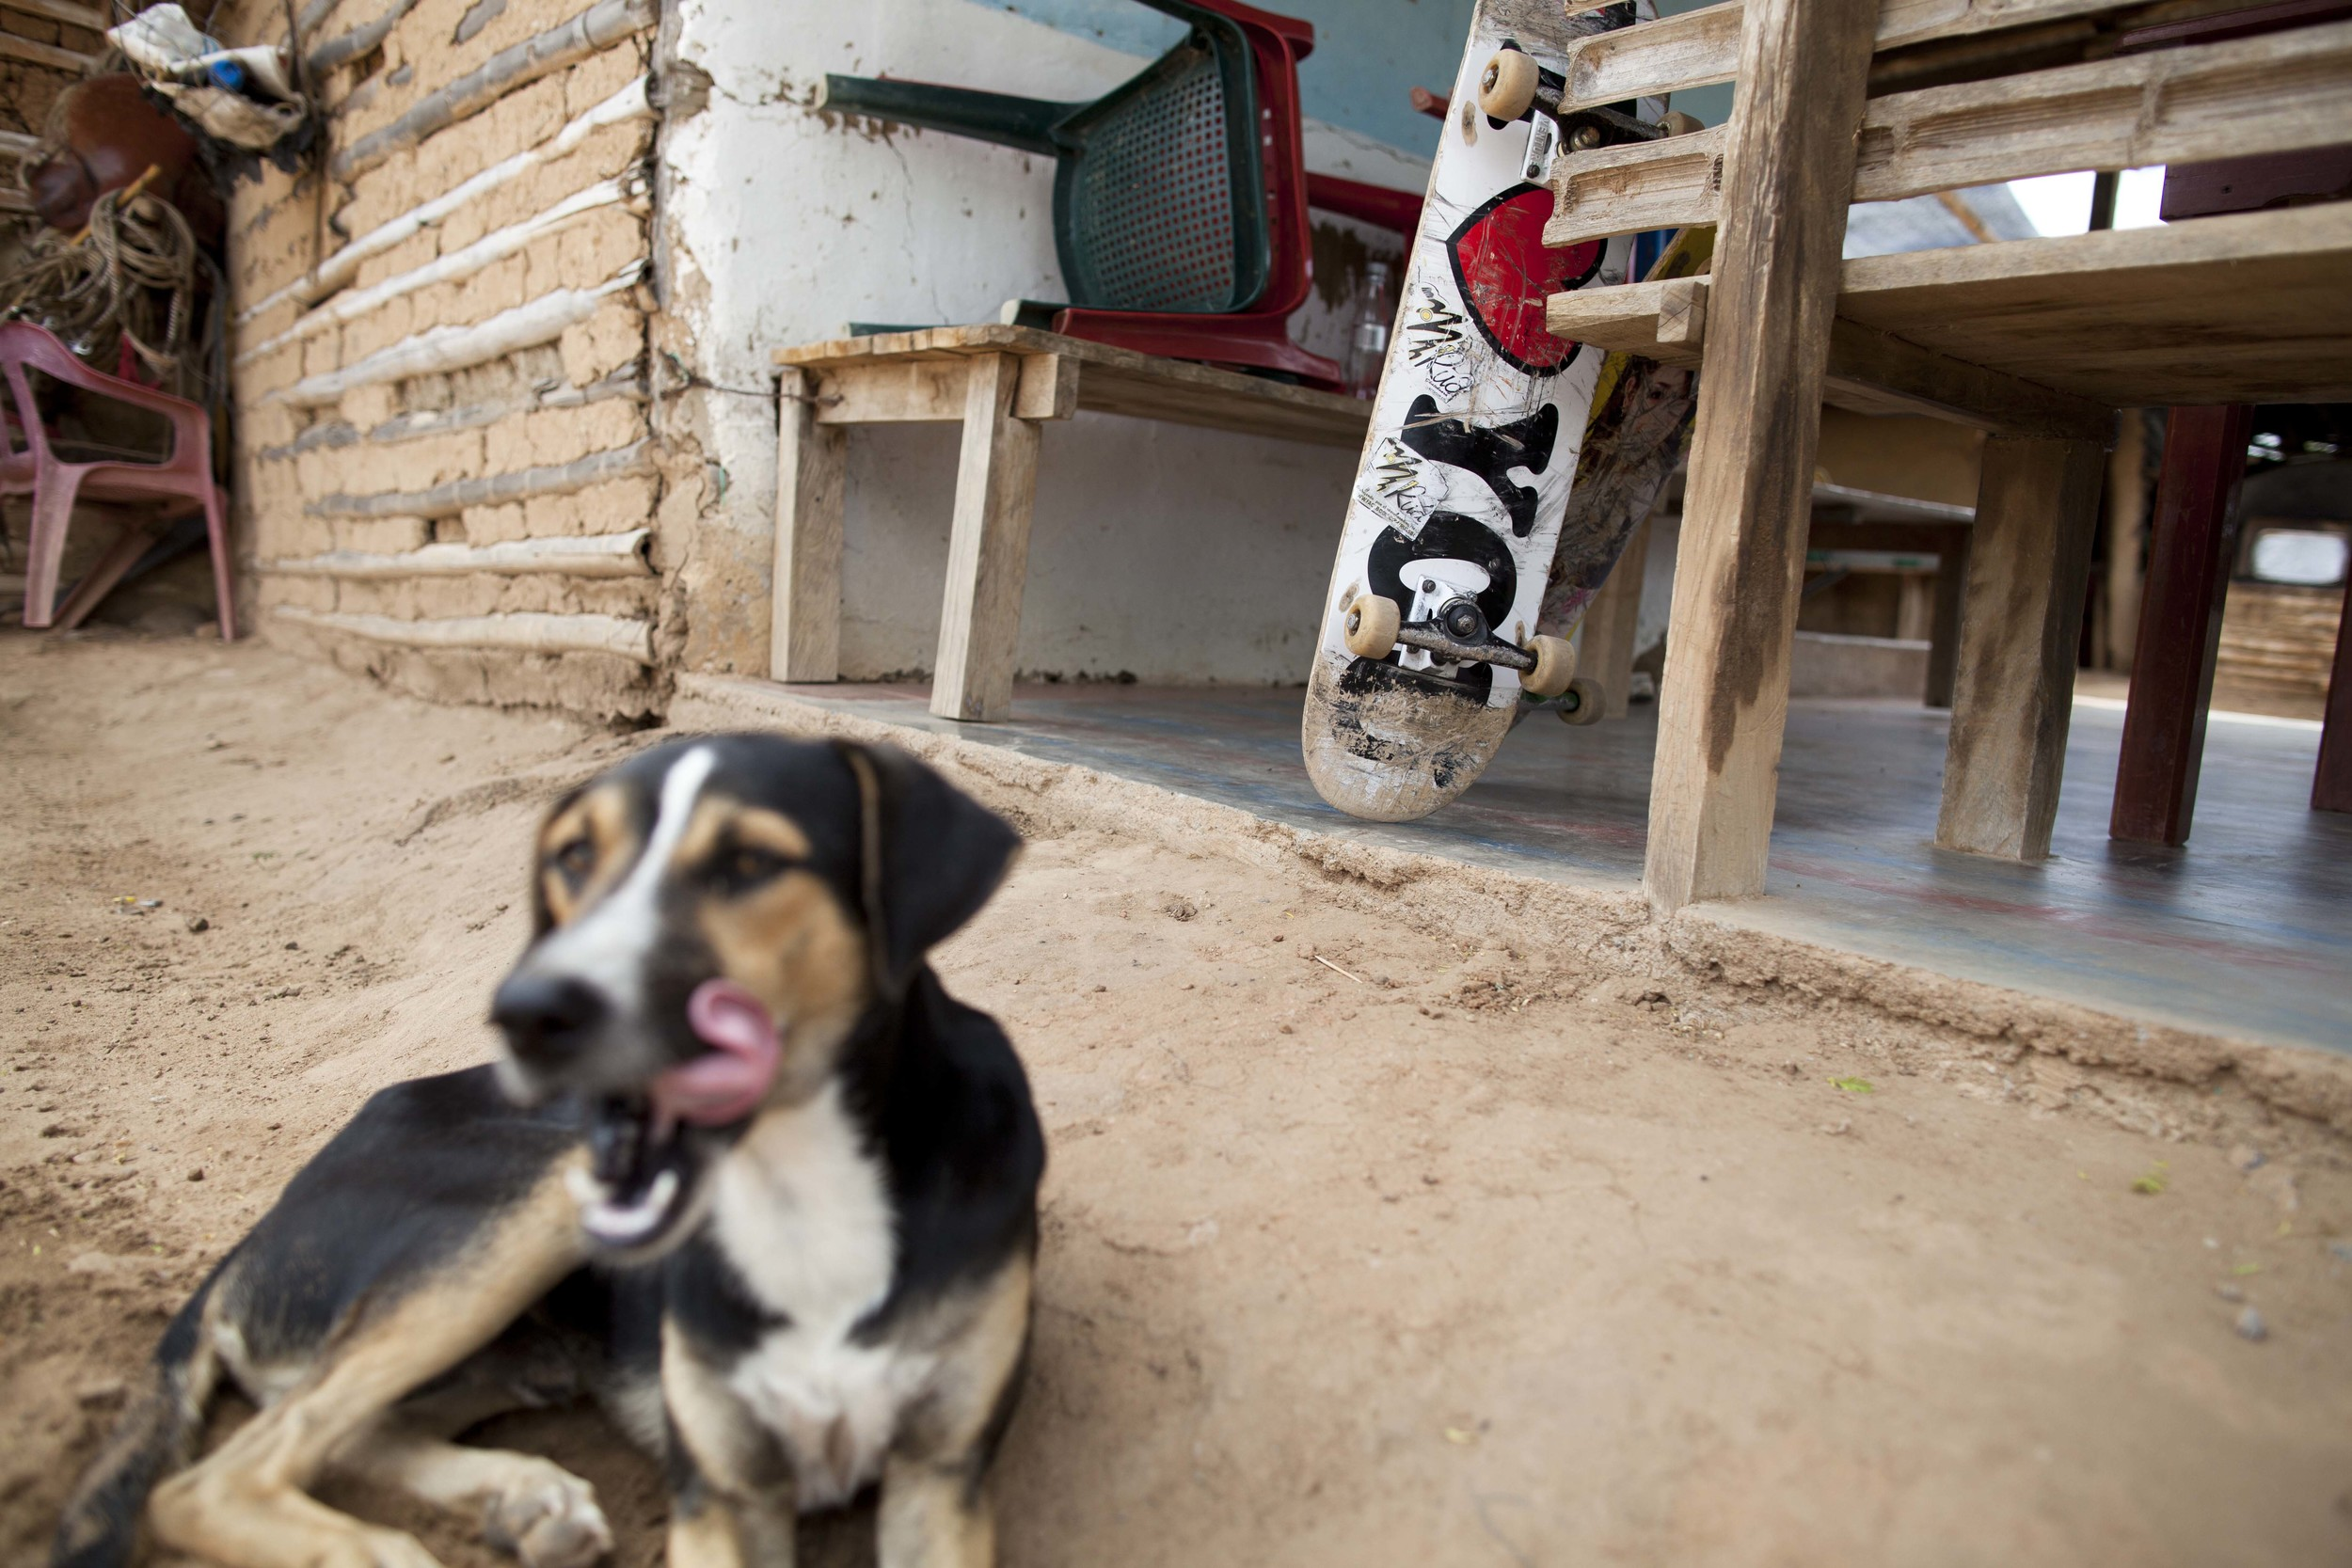 Tatacoa Desert. 31 July 2012. A dog and Felipe's skateboard at a makeshift shack in the desert.